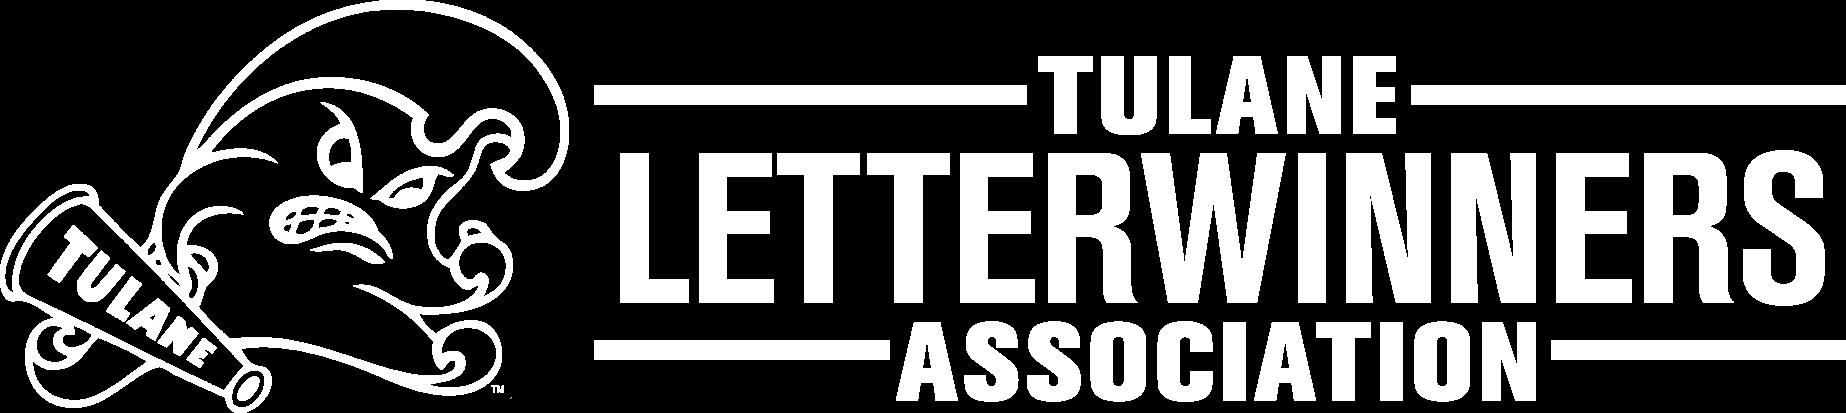 White Tulane Letterwinner Association Logo.png